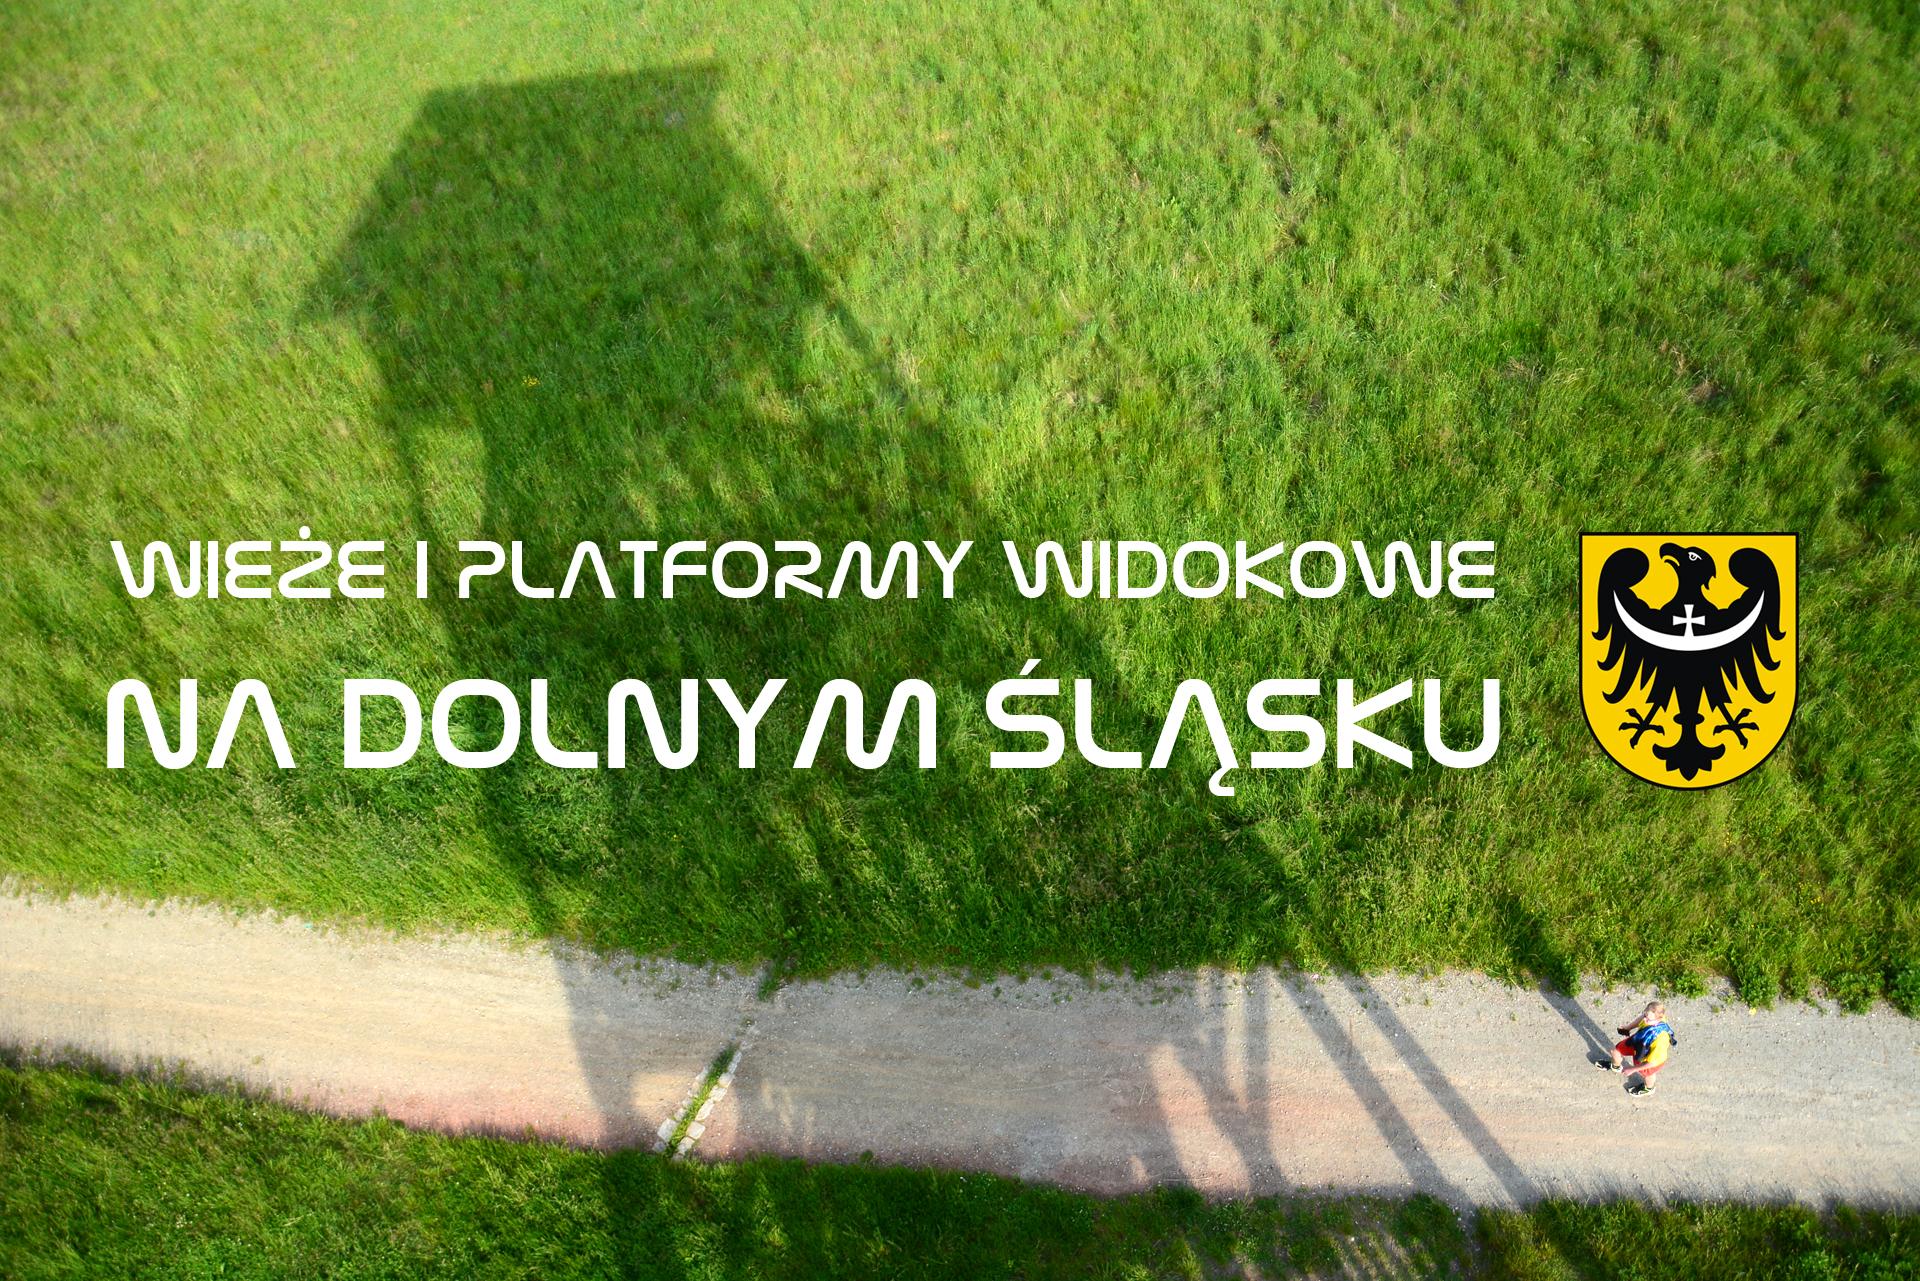 Wieże i platformy widokowe na Dolnym Śląsku